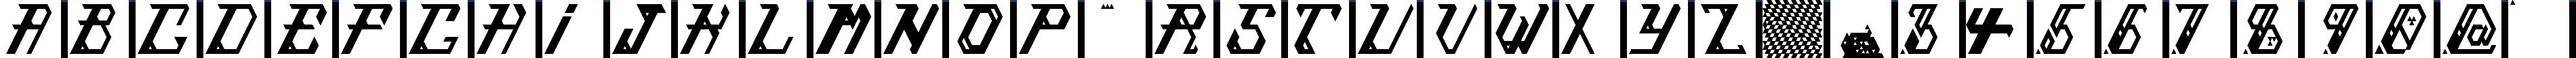 Particip-a-type v.308